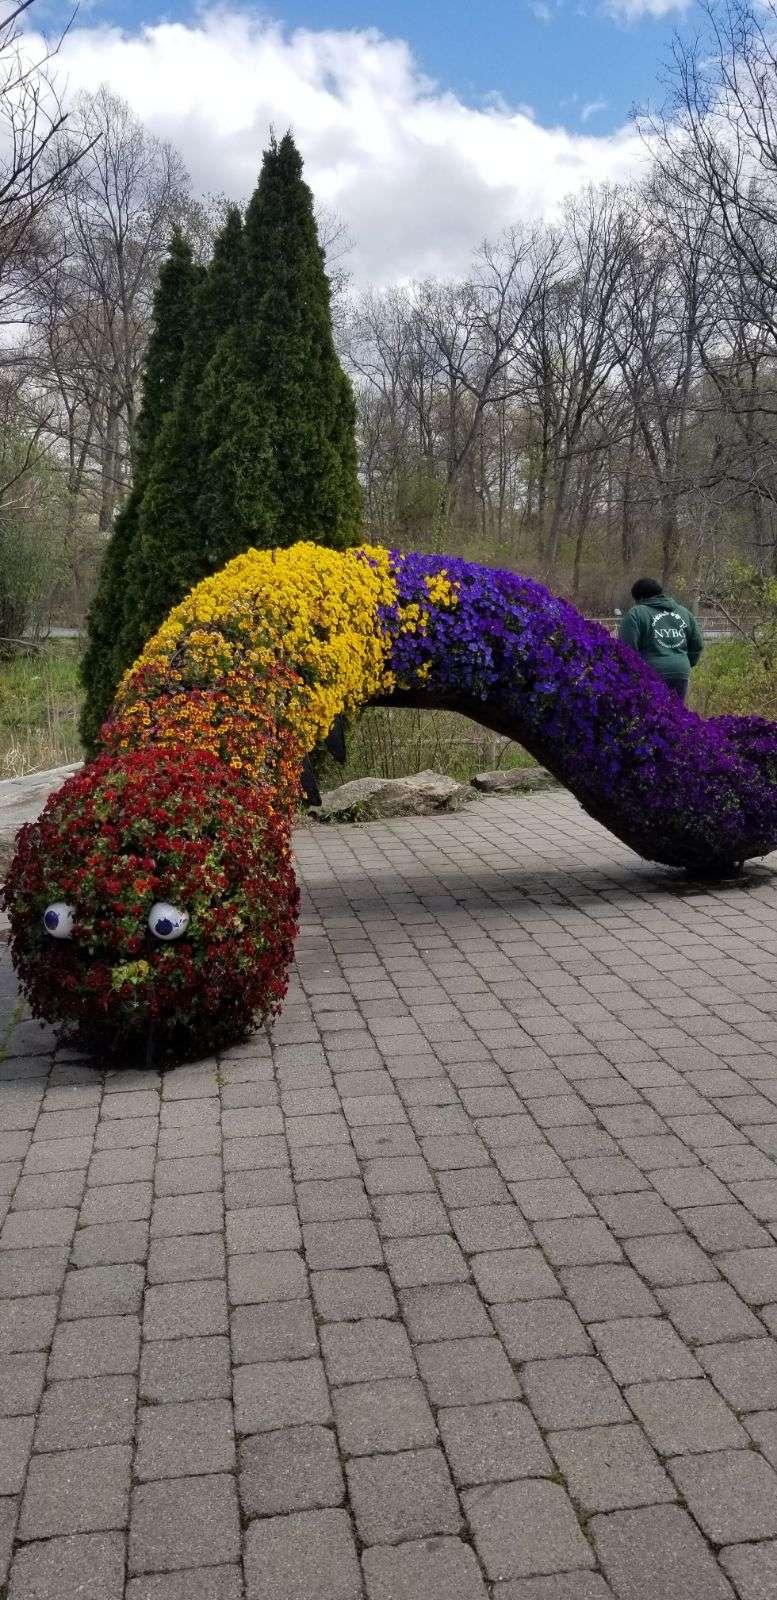 Bronx Botanical Garden - museum  | Photo 10 of 10 | Address: The Bronx, NY 10458, USA | Phone: (718) 817-8700